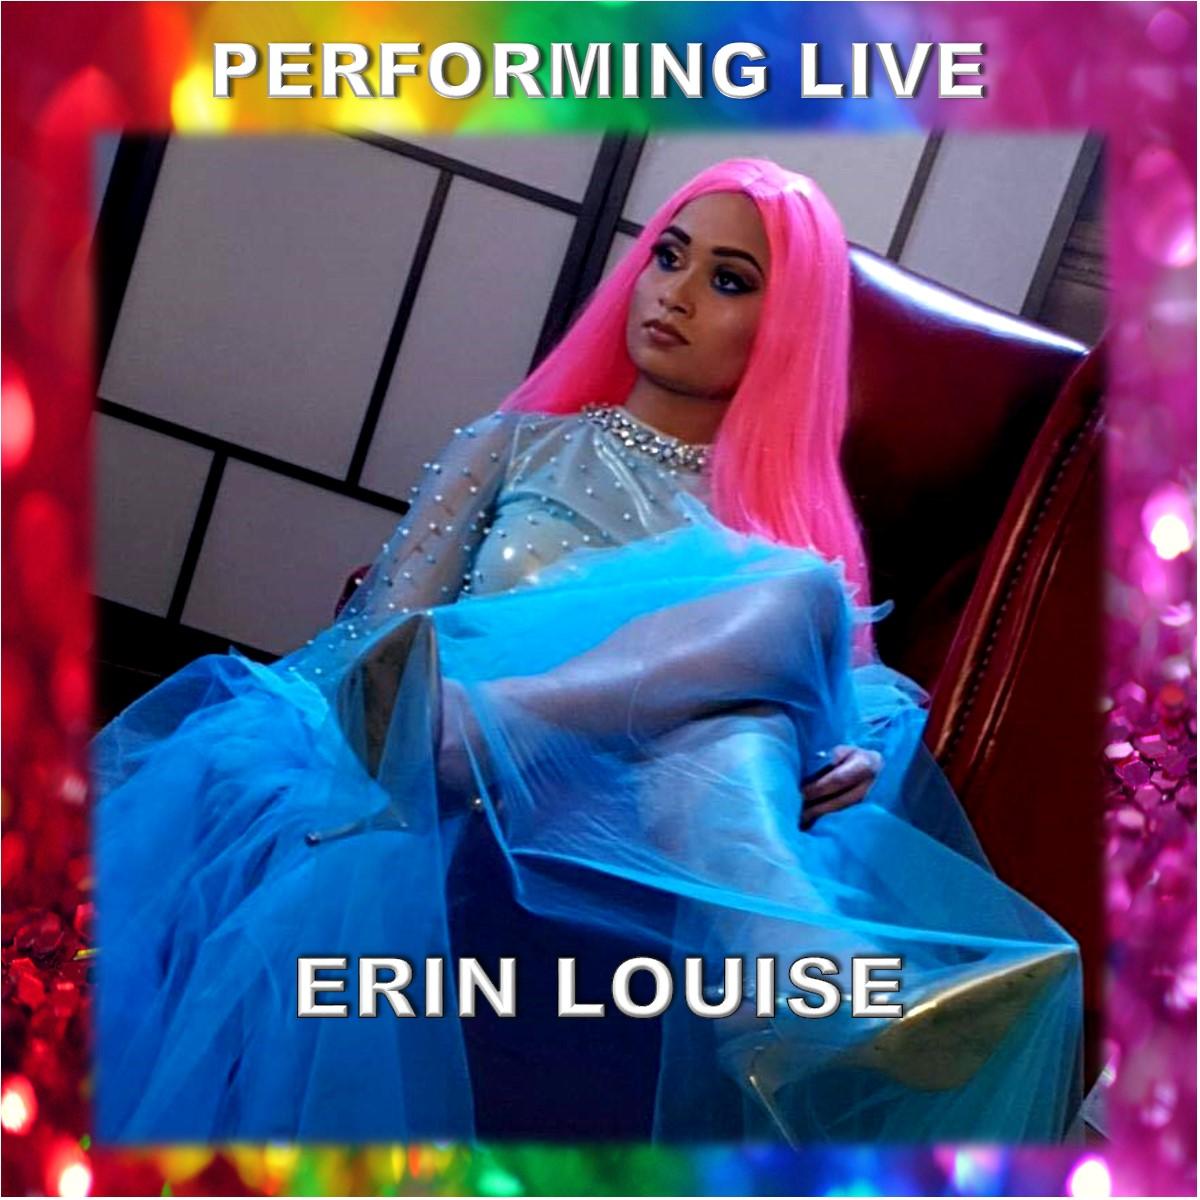 Erin Louise